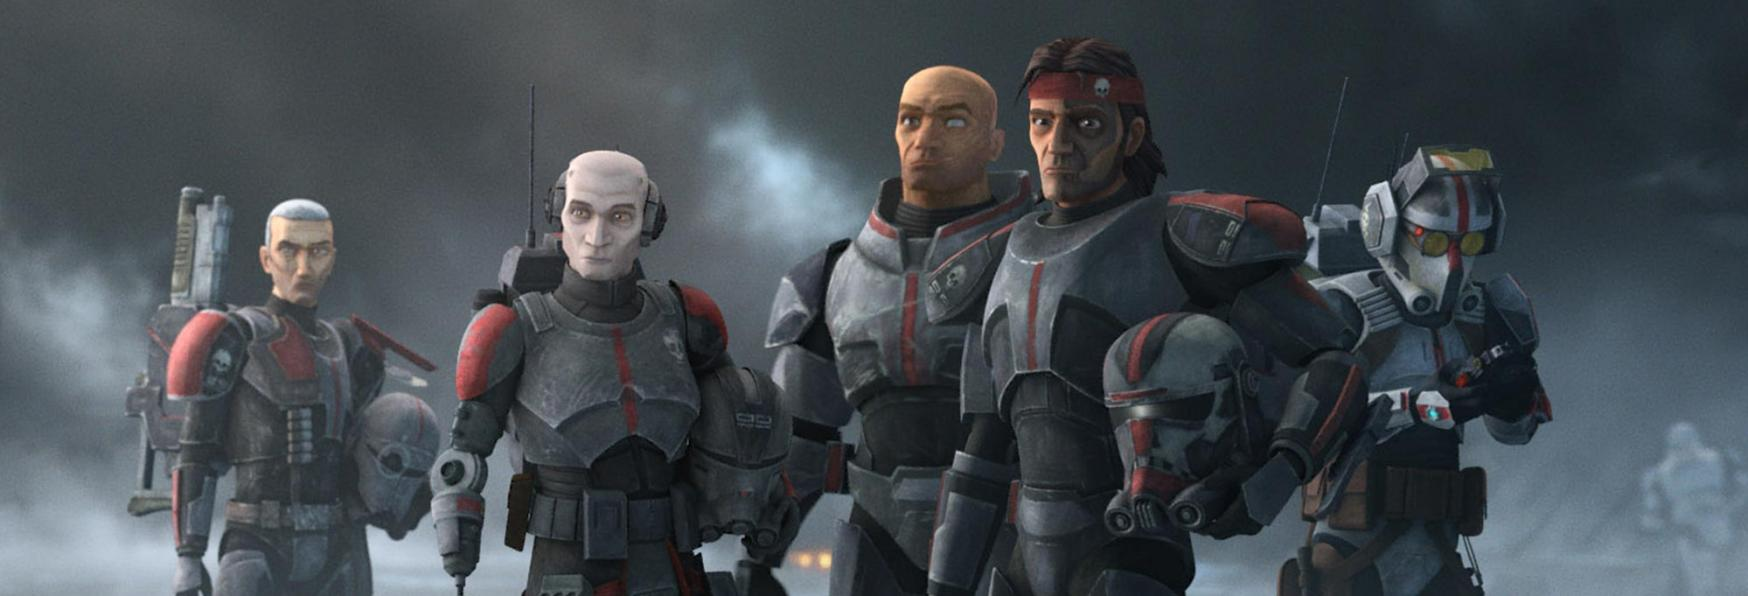 Star Wars: The Bad Batch - La Recensione del Primo Episodio della Serie Animata